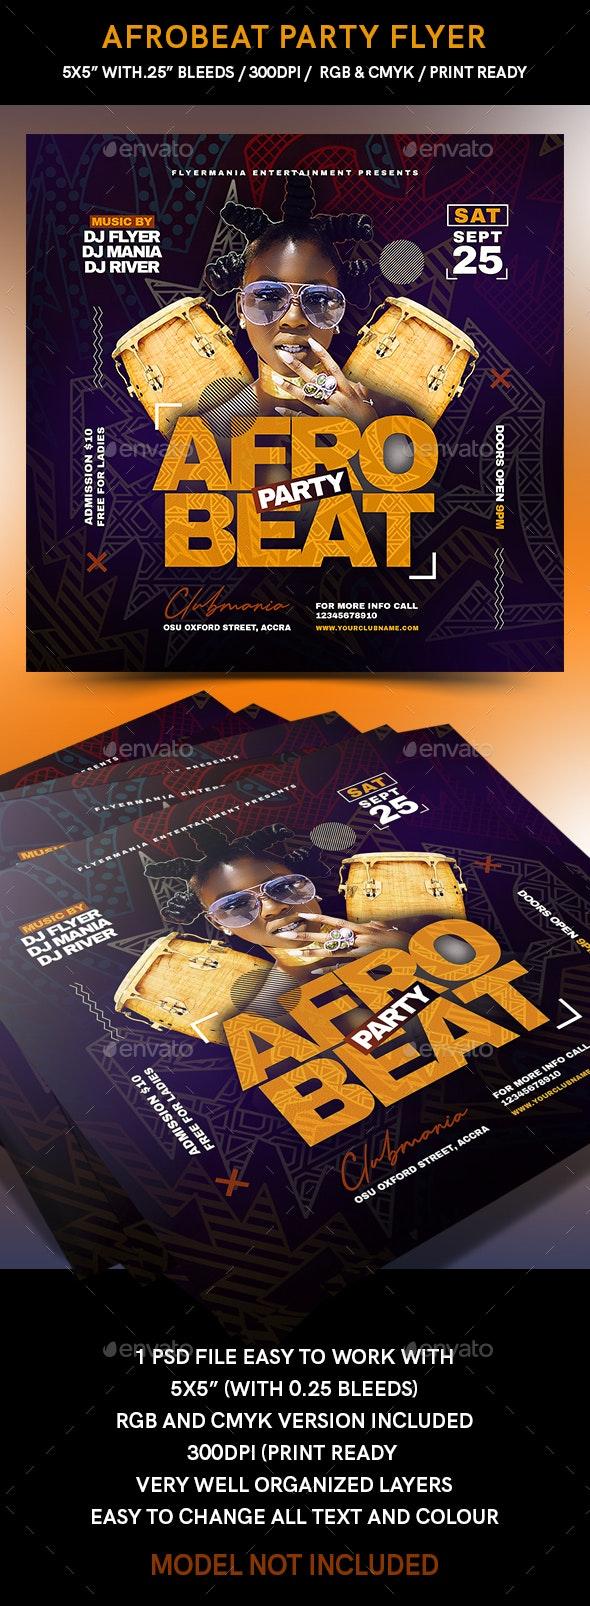 Afrobeat Party Flyer